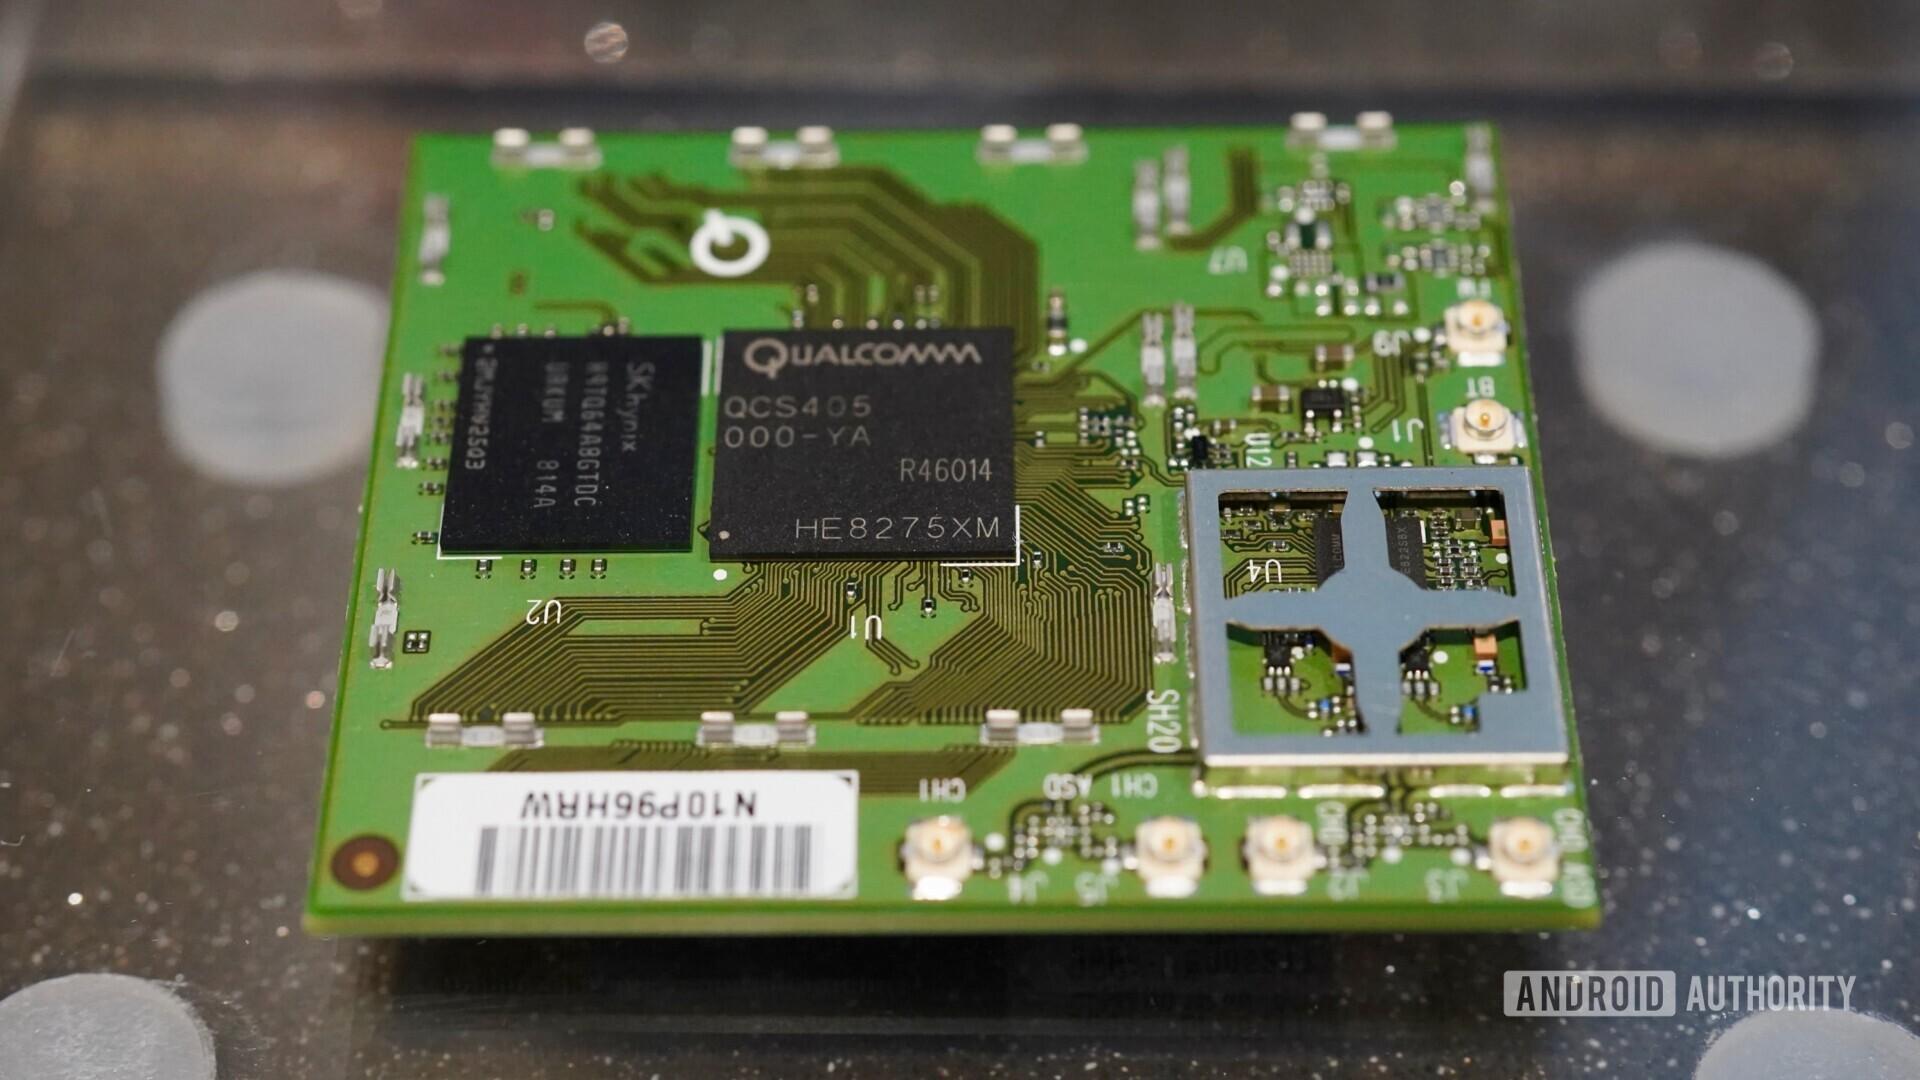 Qualcomm QSC400 S0C for smart speakers